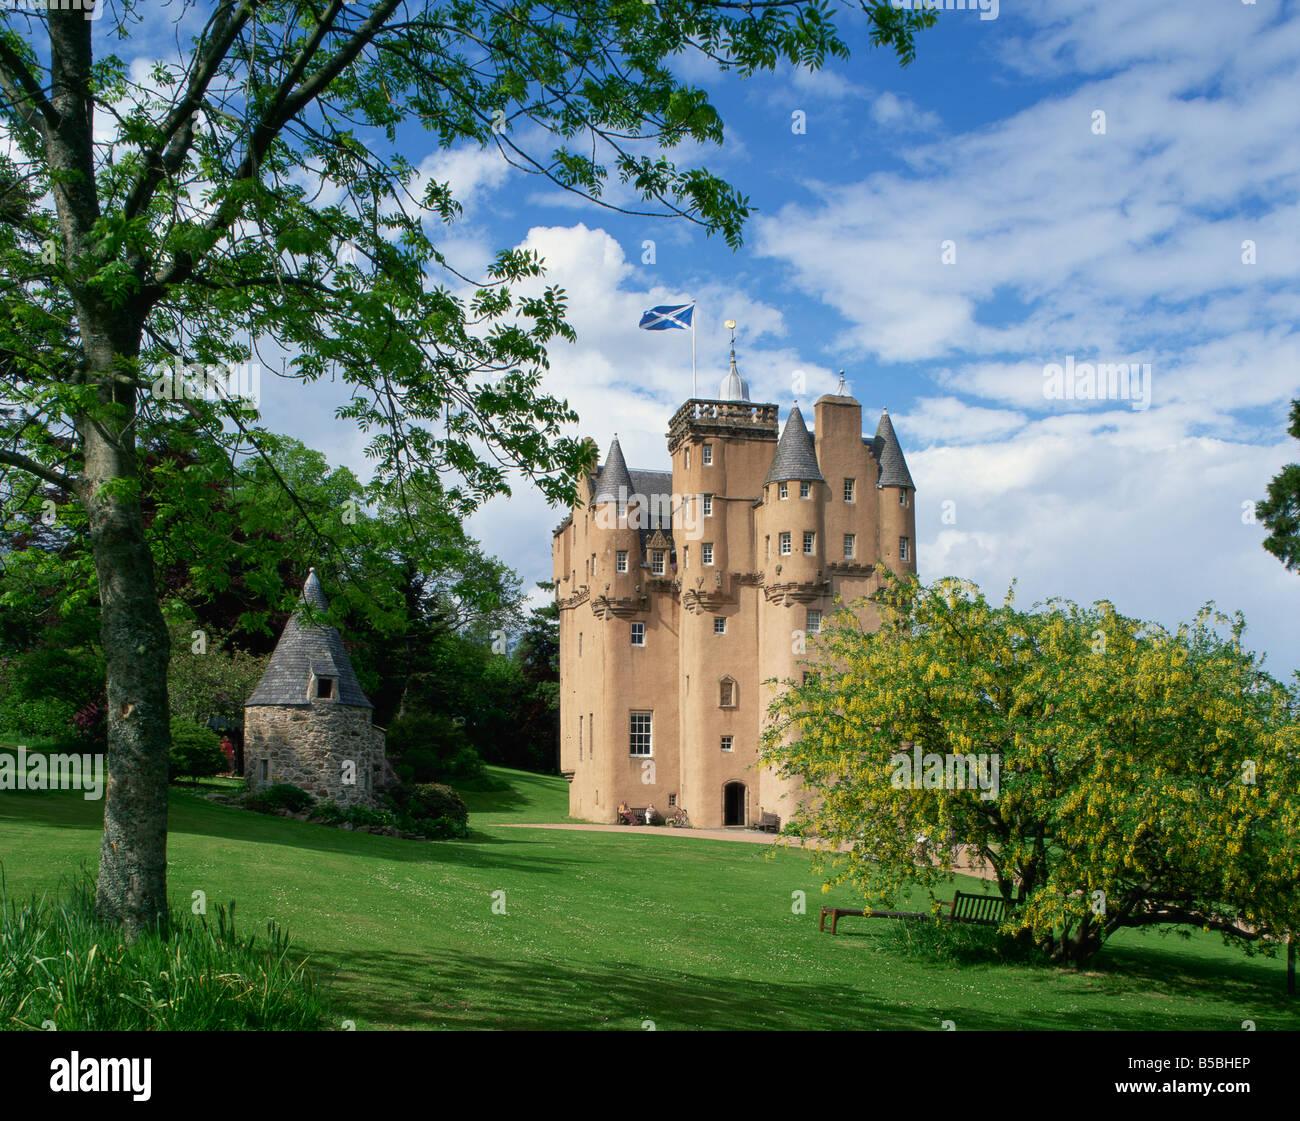 Craigievar Castle Highlands Scotland United Kingdom Europe - Stock Image